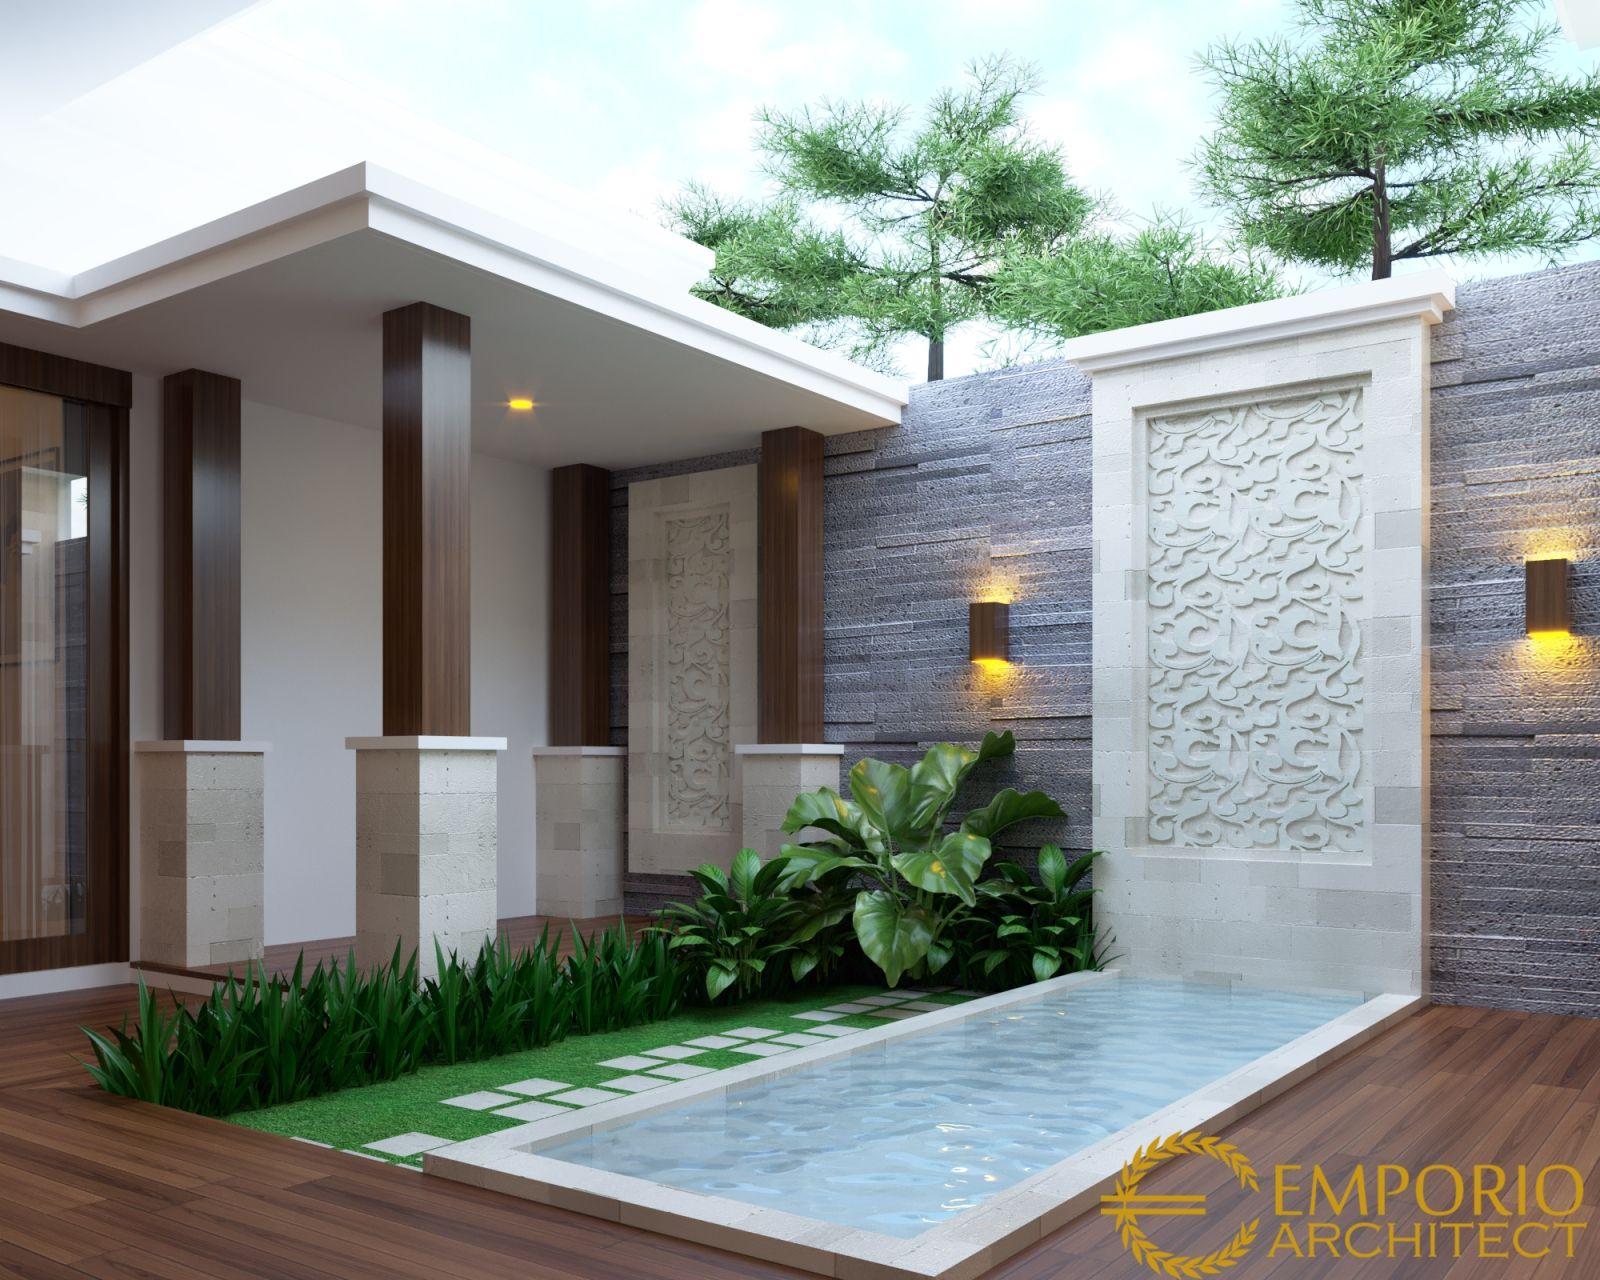 Jasa Arsitek Malang Desain Rumah Ibu Pongky Desain Rumah Minimalis Desain Teras Desain Rumah